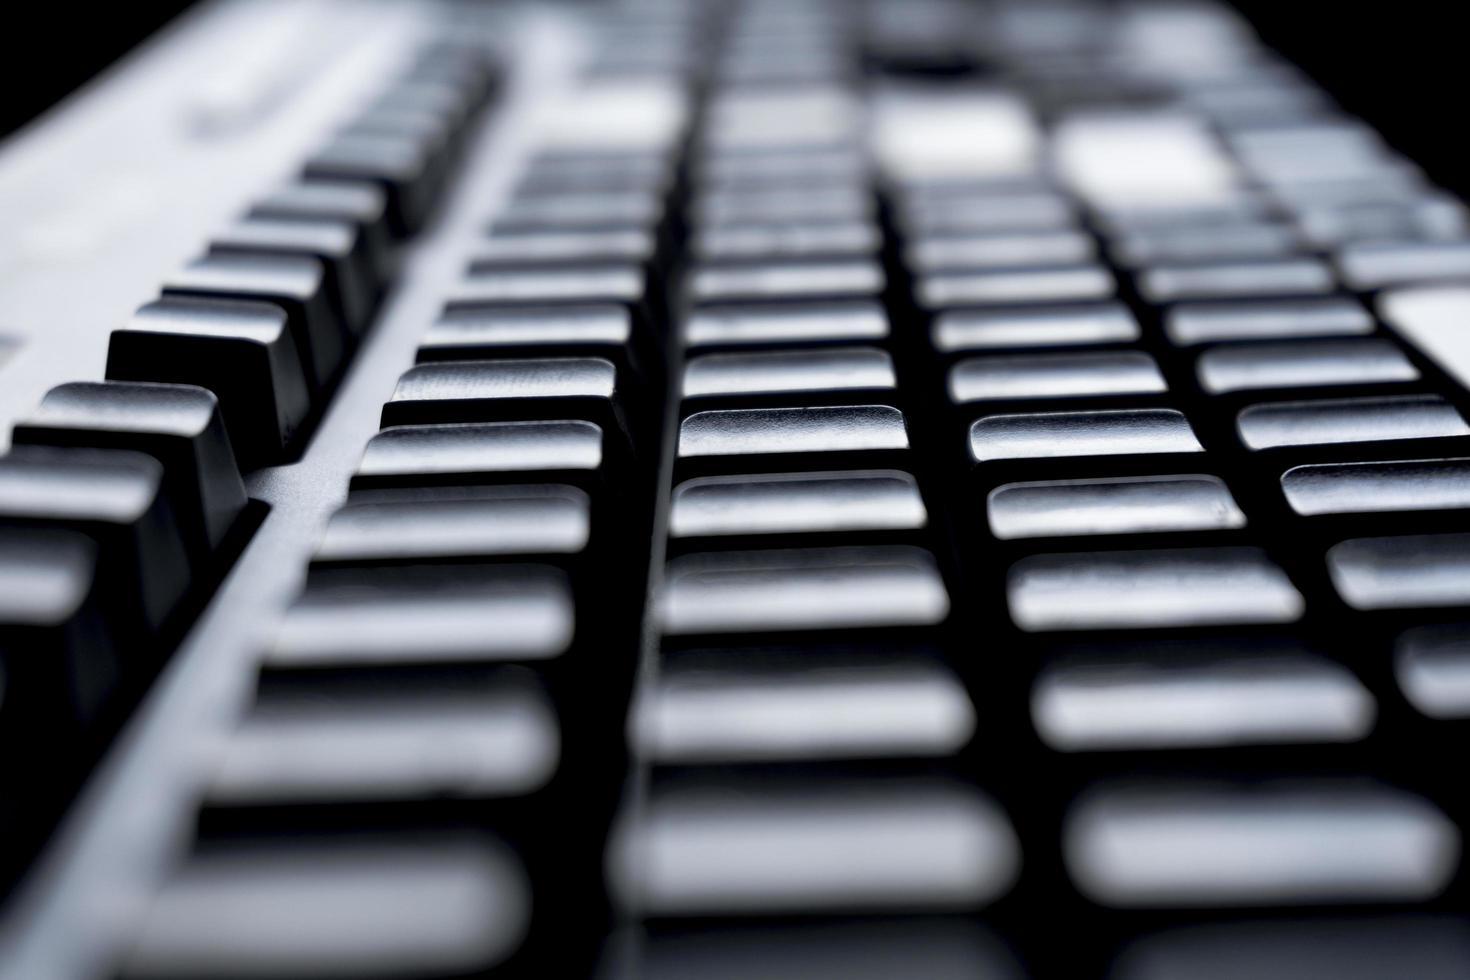 primo piano dei tasti sulla tastiera foto